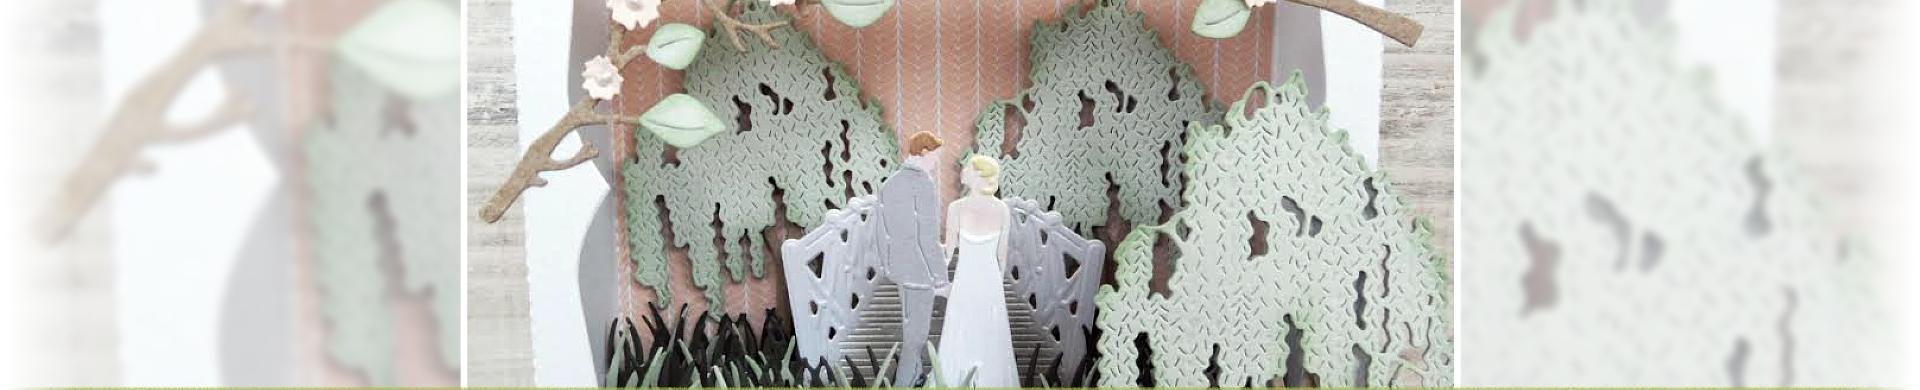 Cutting Dies - Love & Romance